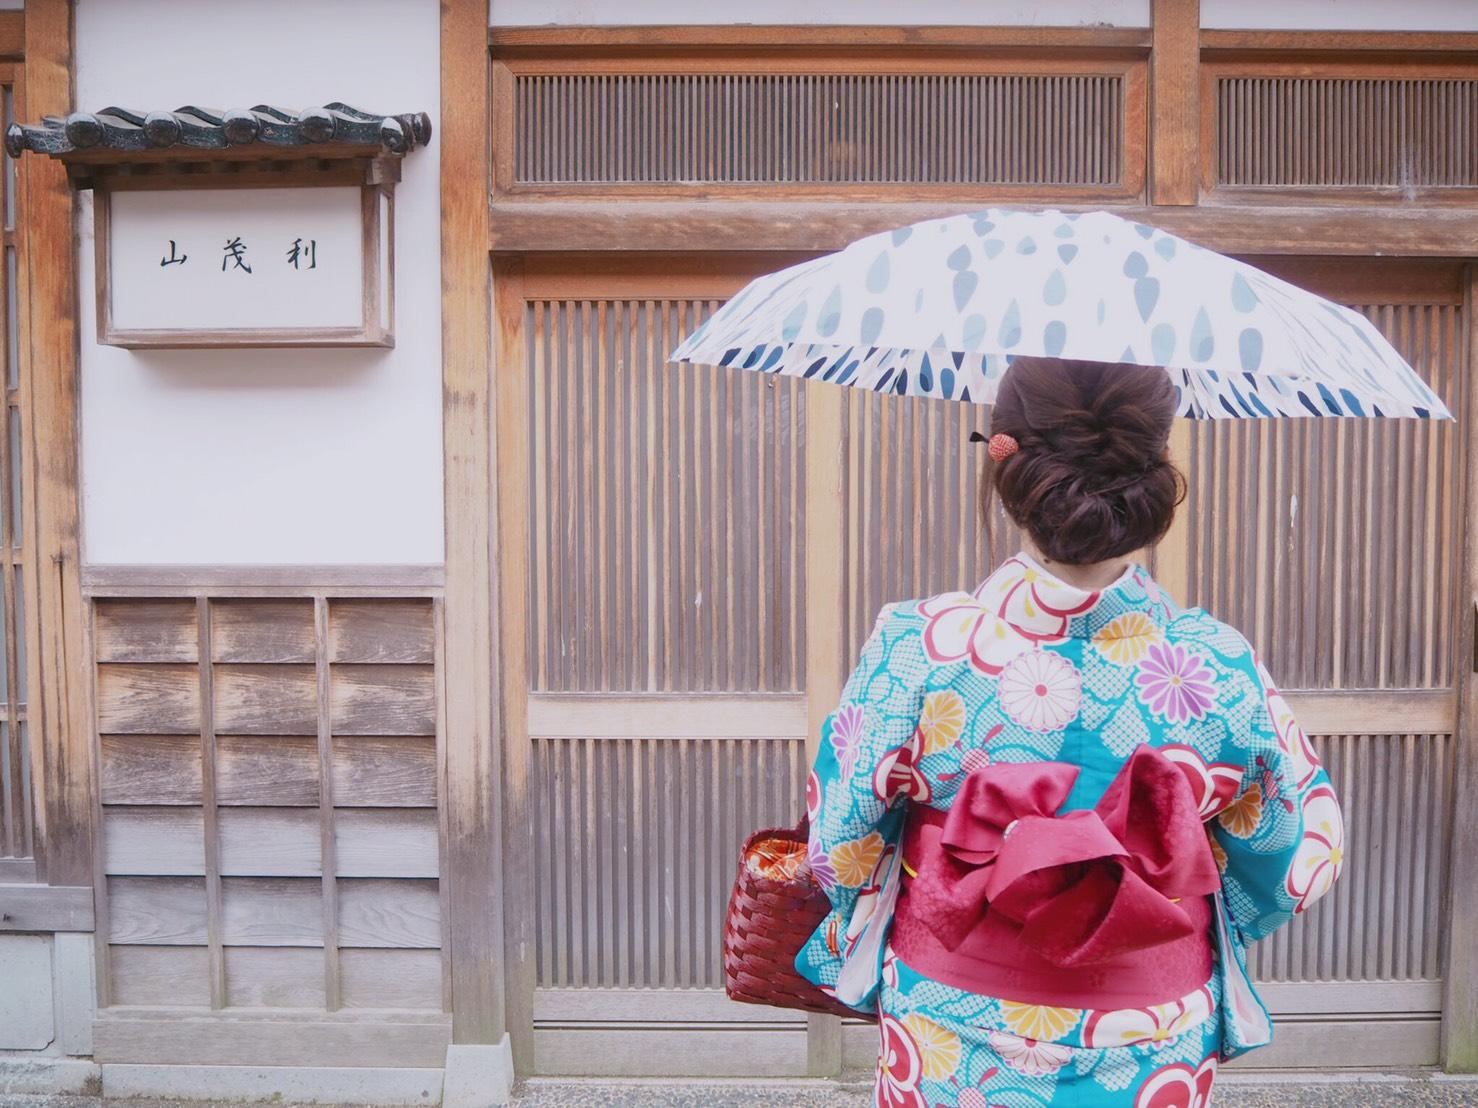 【金沢女子旅】1日目♡着物満喫コース《ひがし茶屋街/兼六園》_13